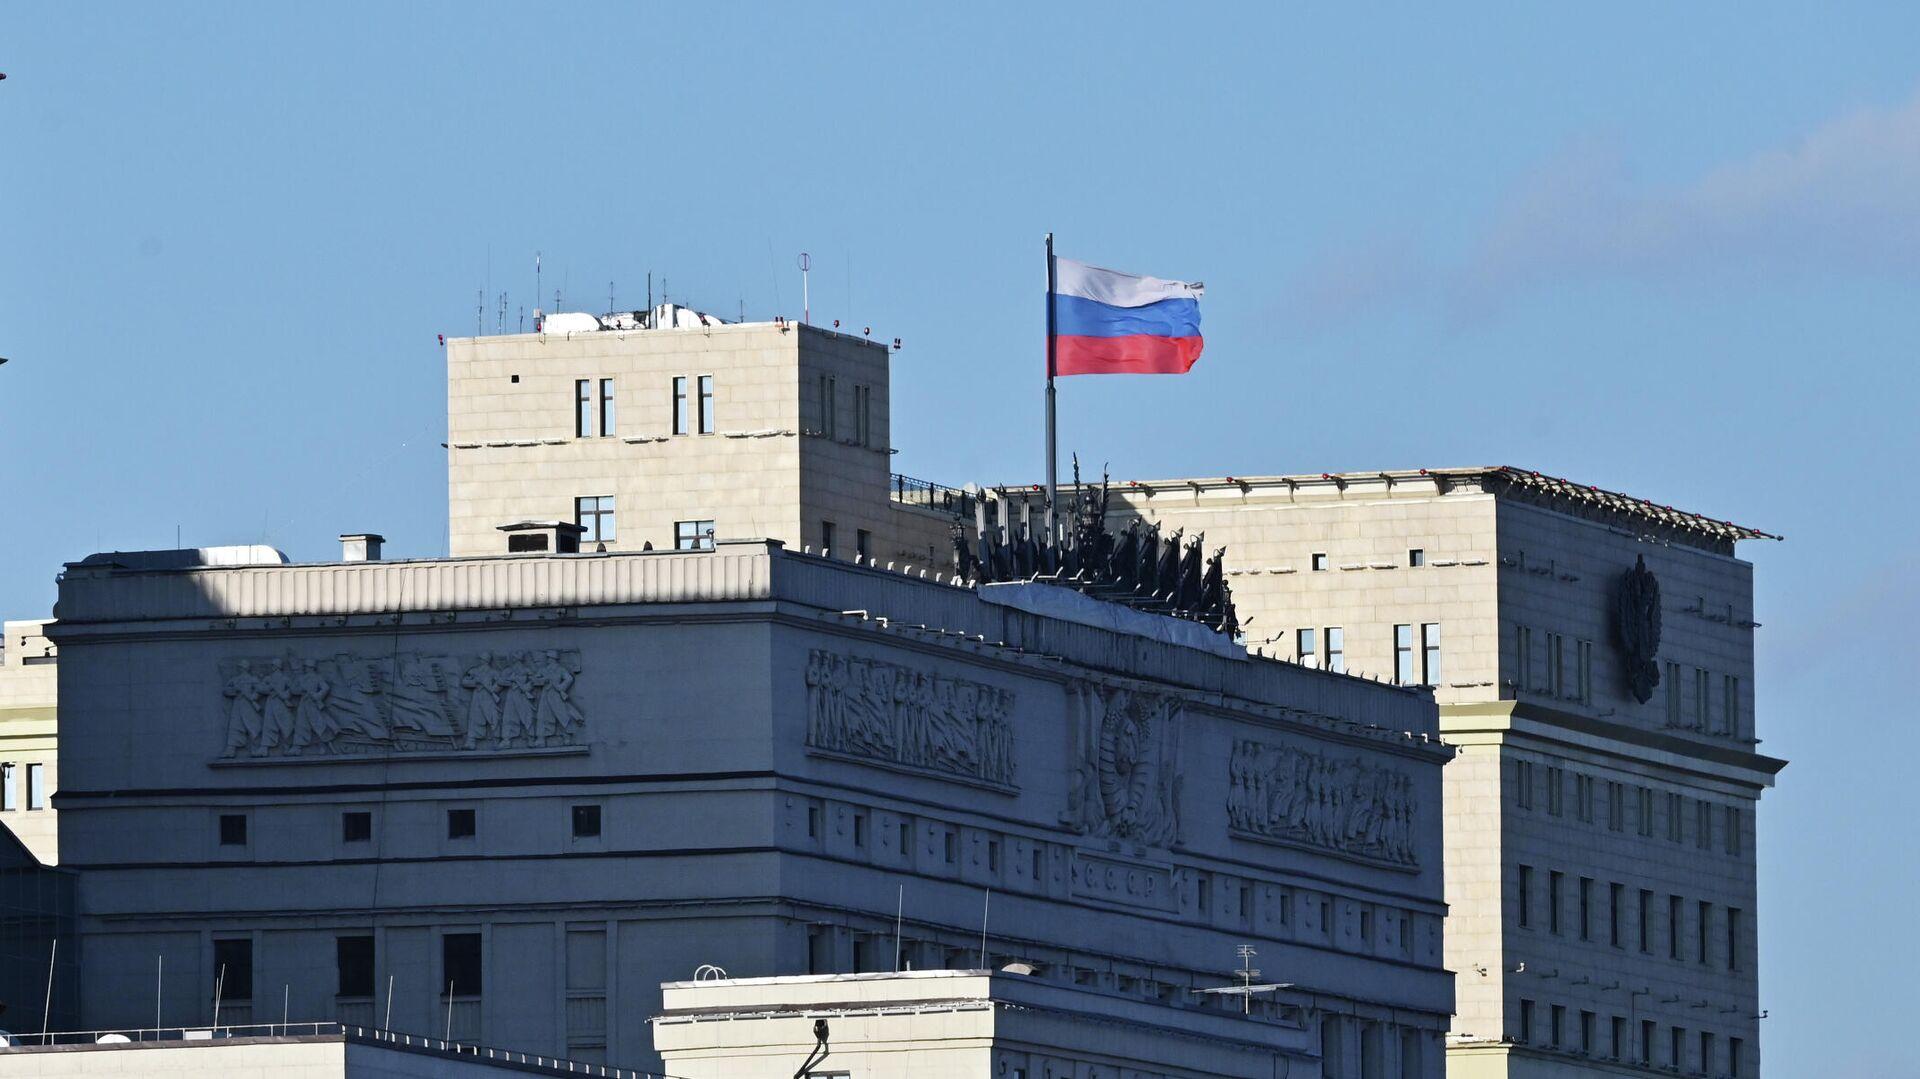 Здание министерства обороны РФ на Фрунзенской набережной в Москве - РИА Новости, 1920, 13.07.2021